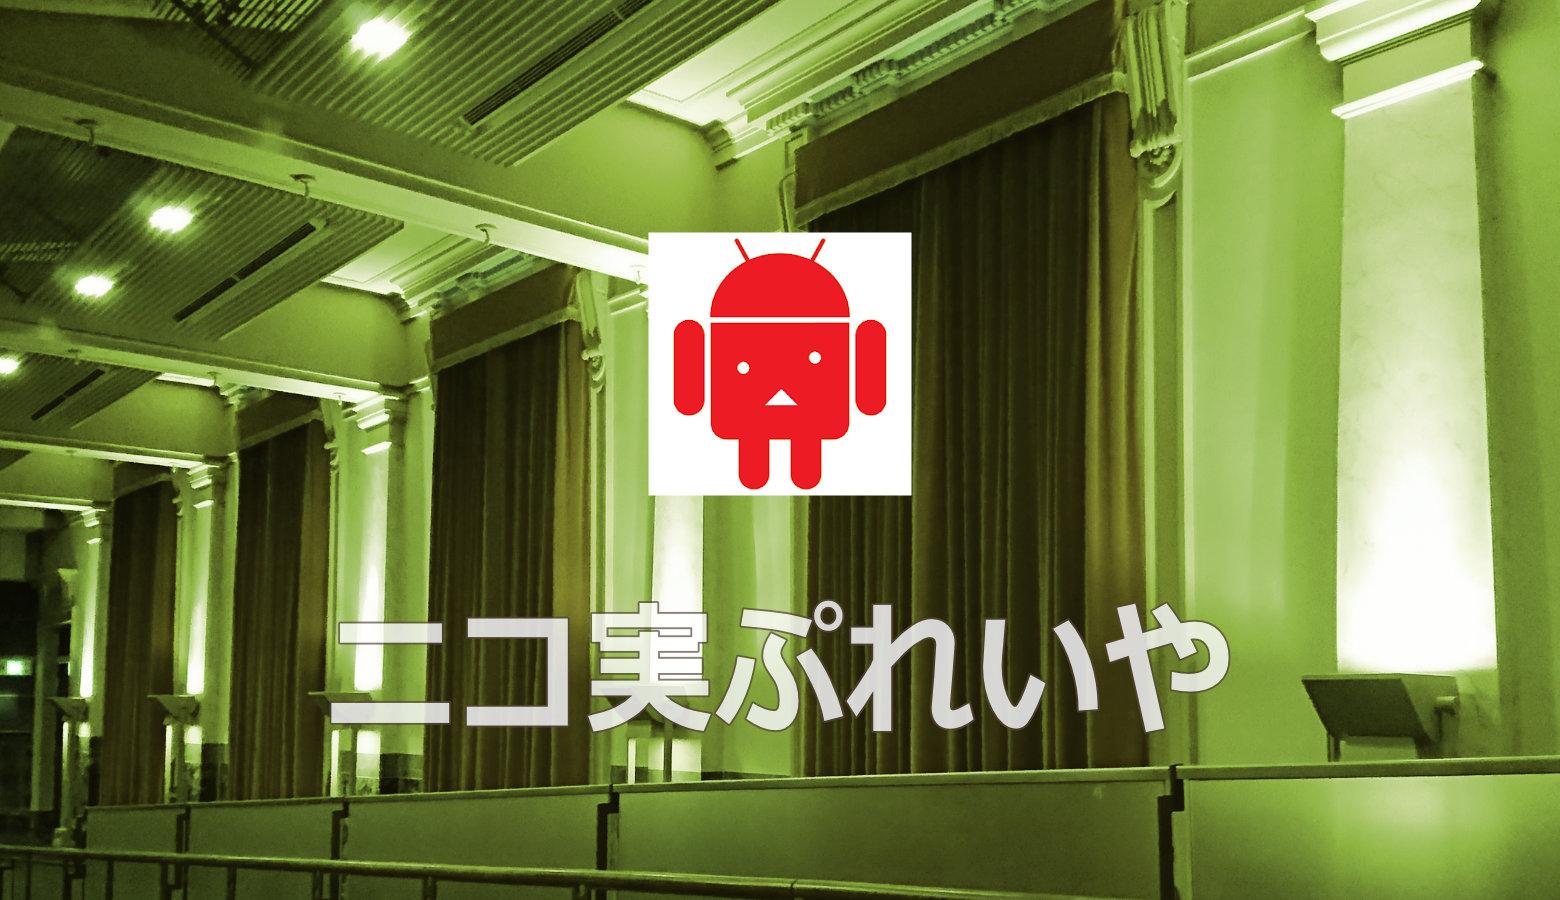 『ニコ実ぷれいや』はたった一人でワイワイとテレビを見ることができる夢のアプリ  【Android/アプリ】